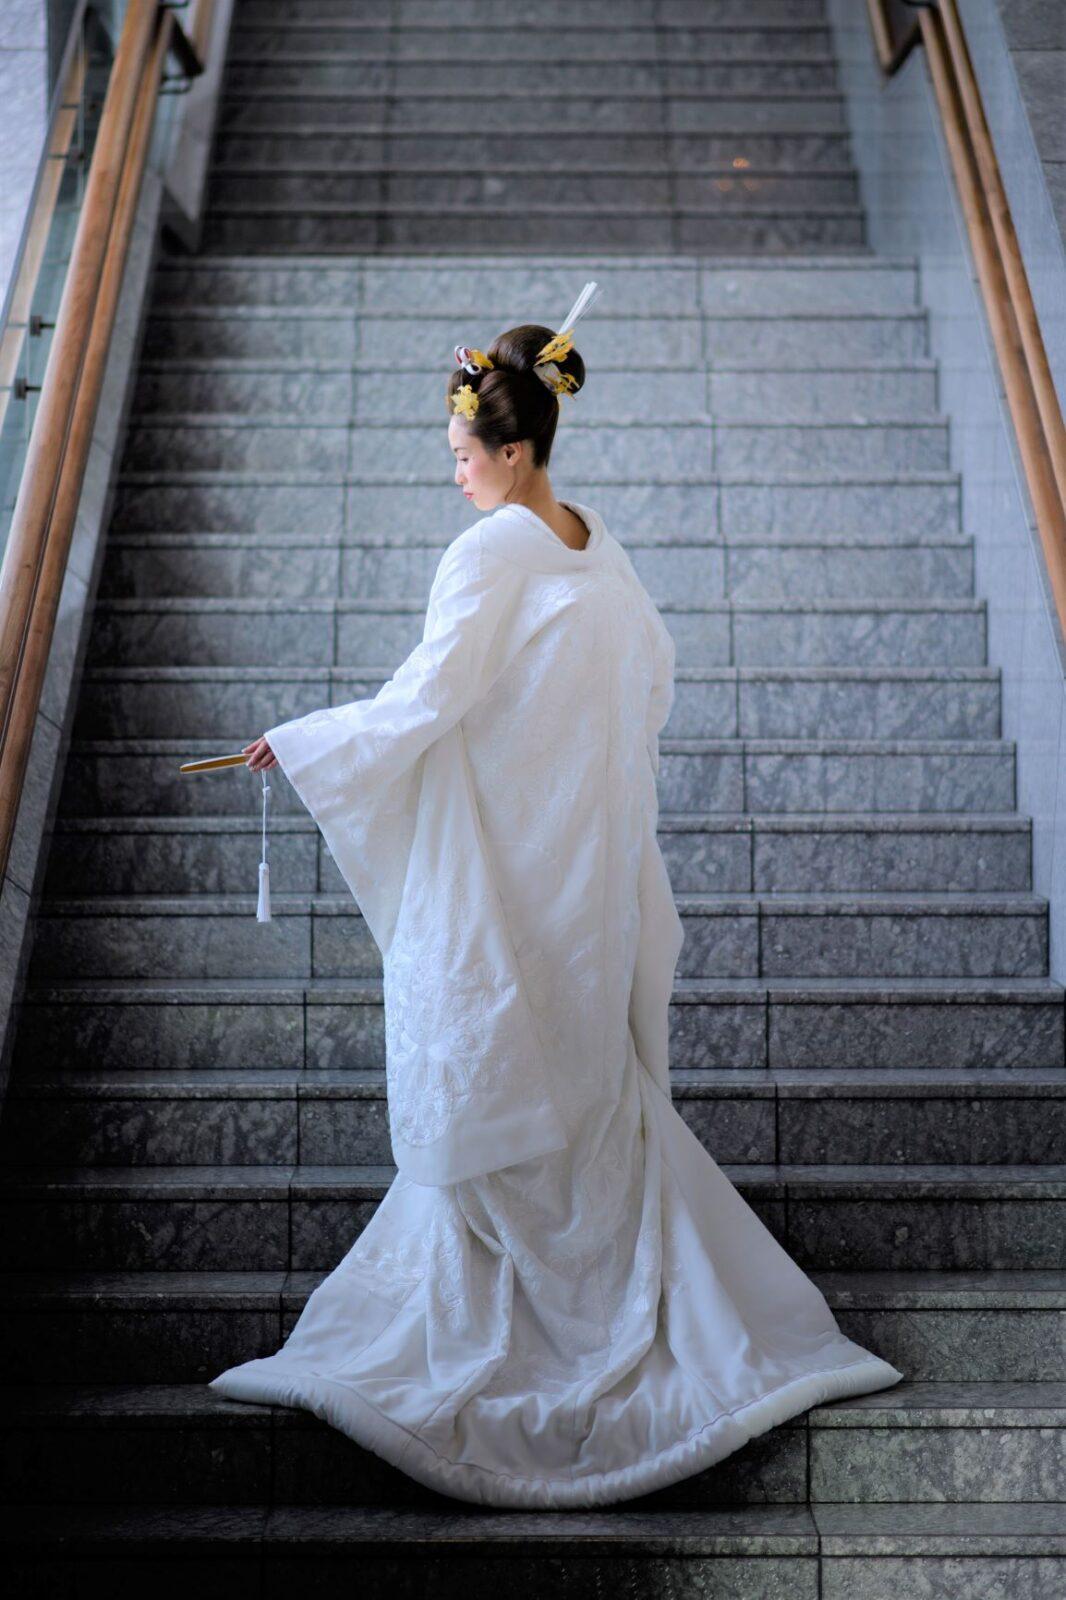 パレスホテル東京の人気撮影スポットである大階段でのお写真など、前撮りやフォトウェディングでも写真映えする総絵羽模様の白無垢をお召しになられたご新婦様